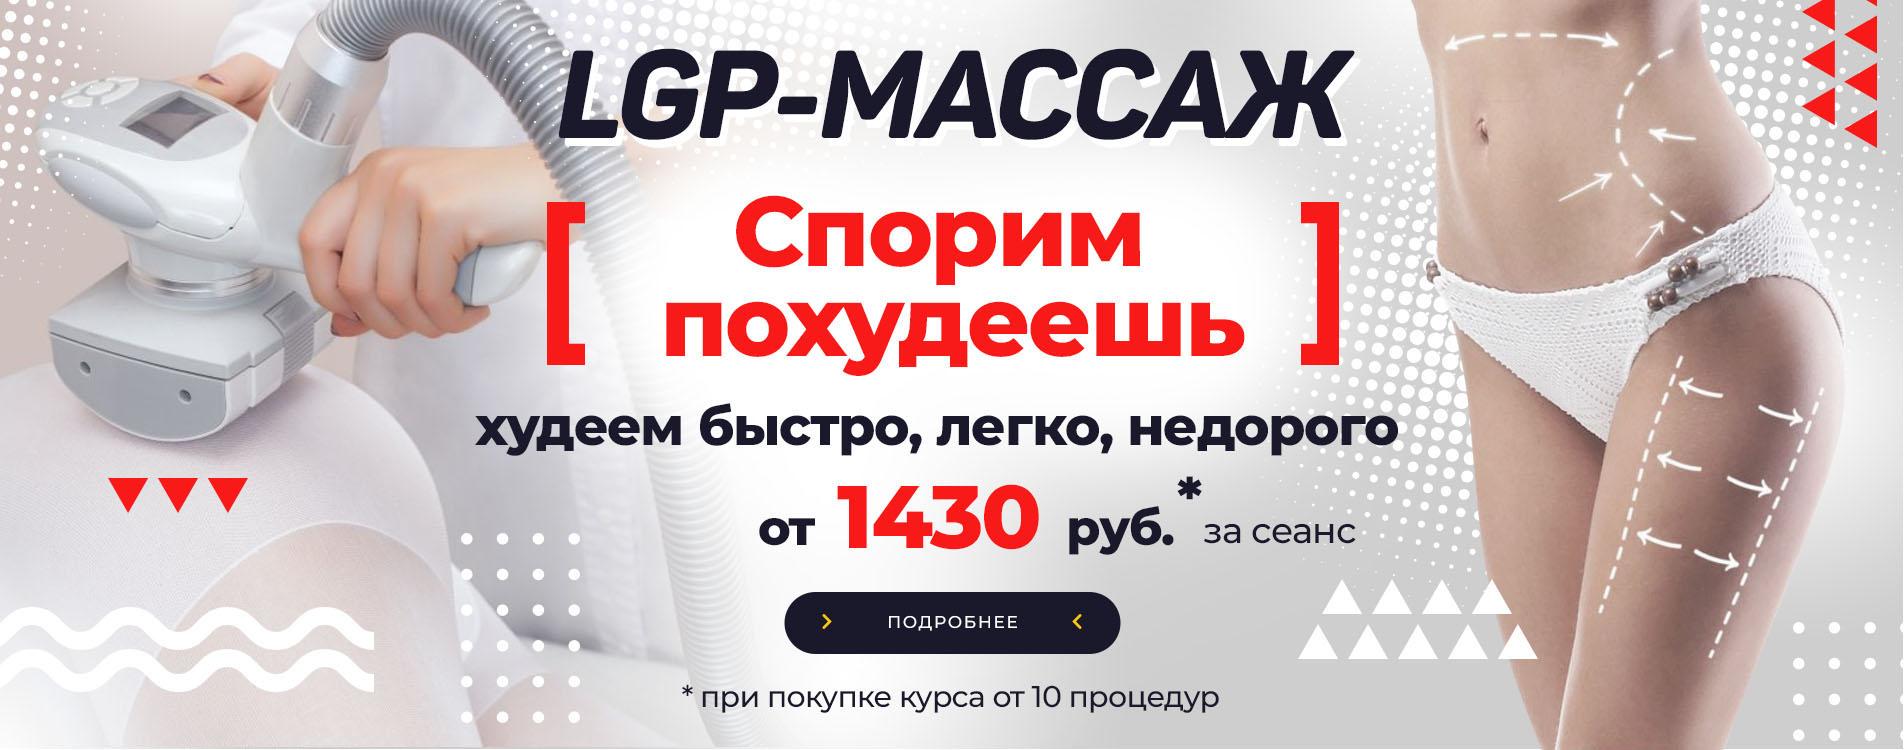 salon-massazha-novogireevo